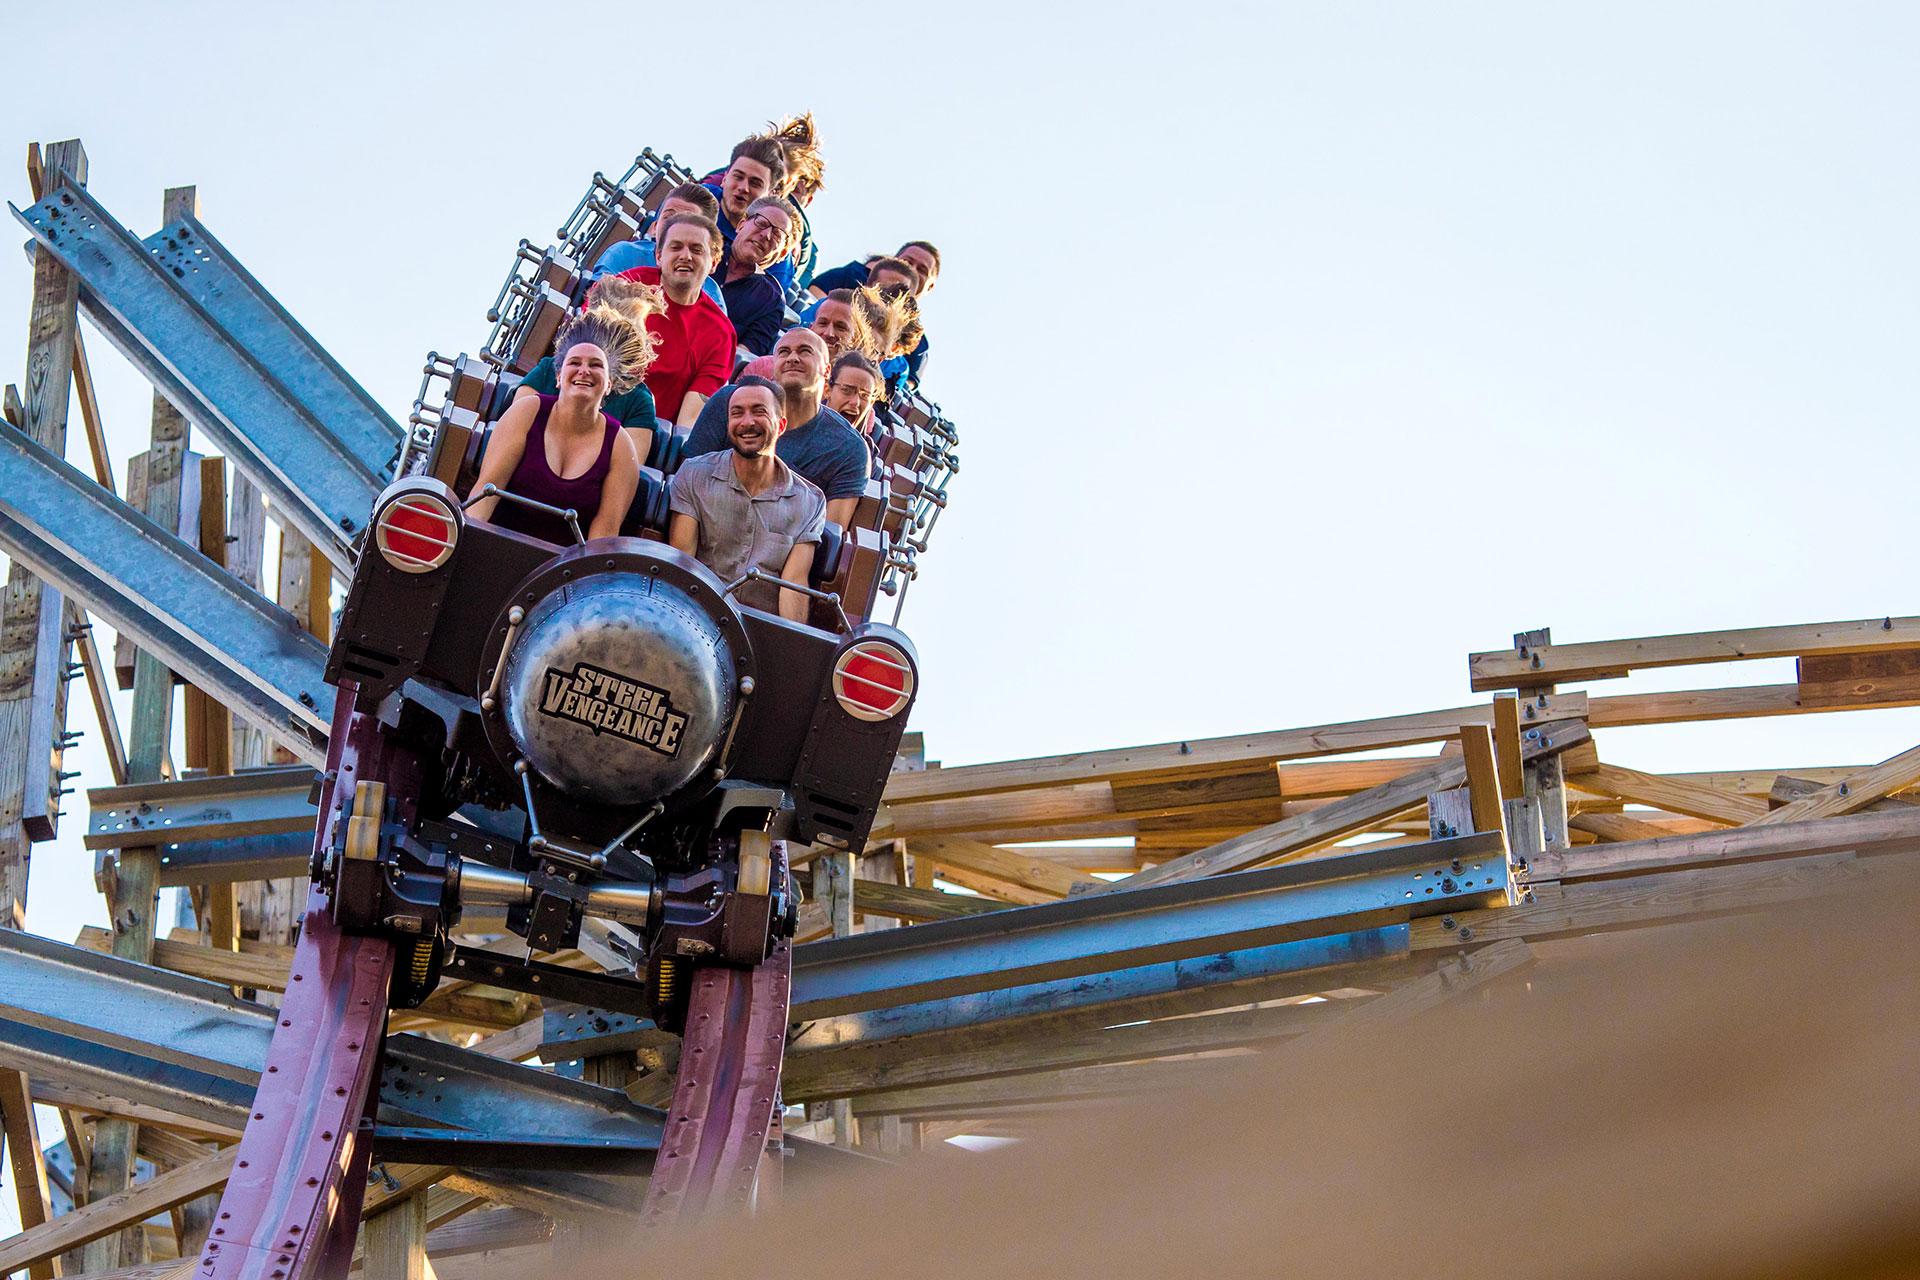 Steel Vengeance at Cedar Point; Courtesy of Cedar Point